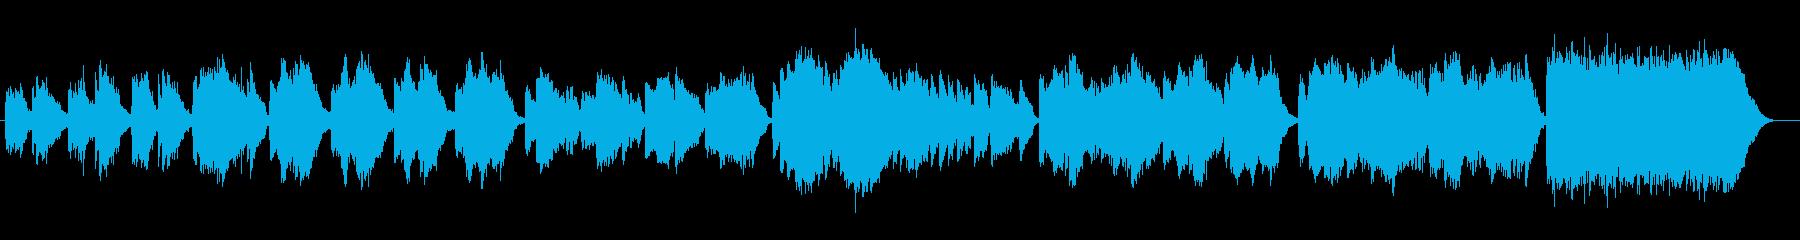 優しくゆったりなシンセサイザーサウンドの再生済みの波形